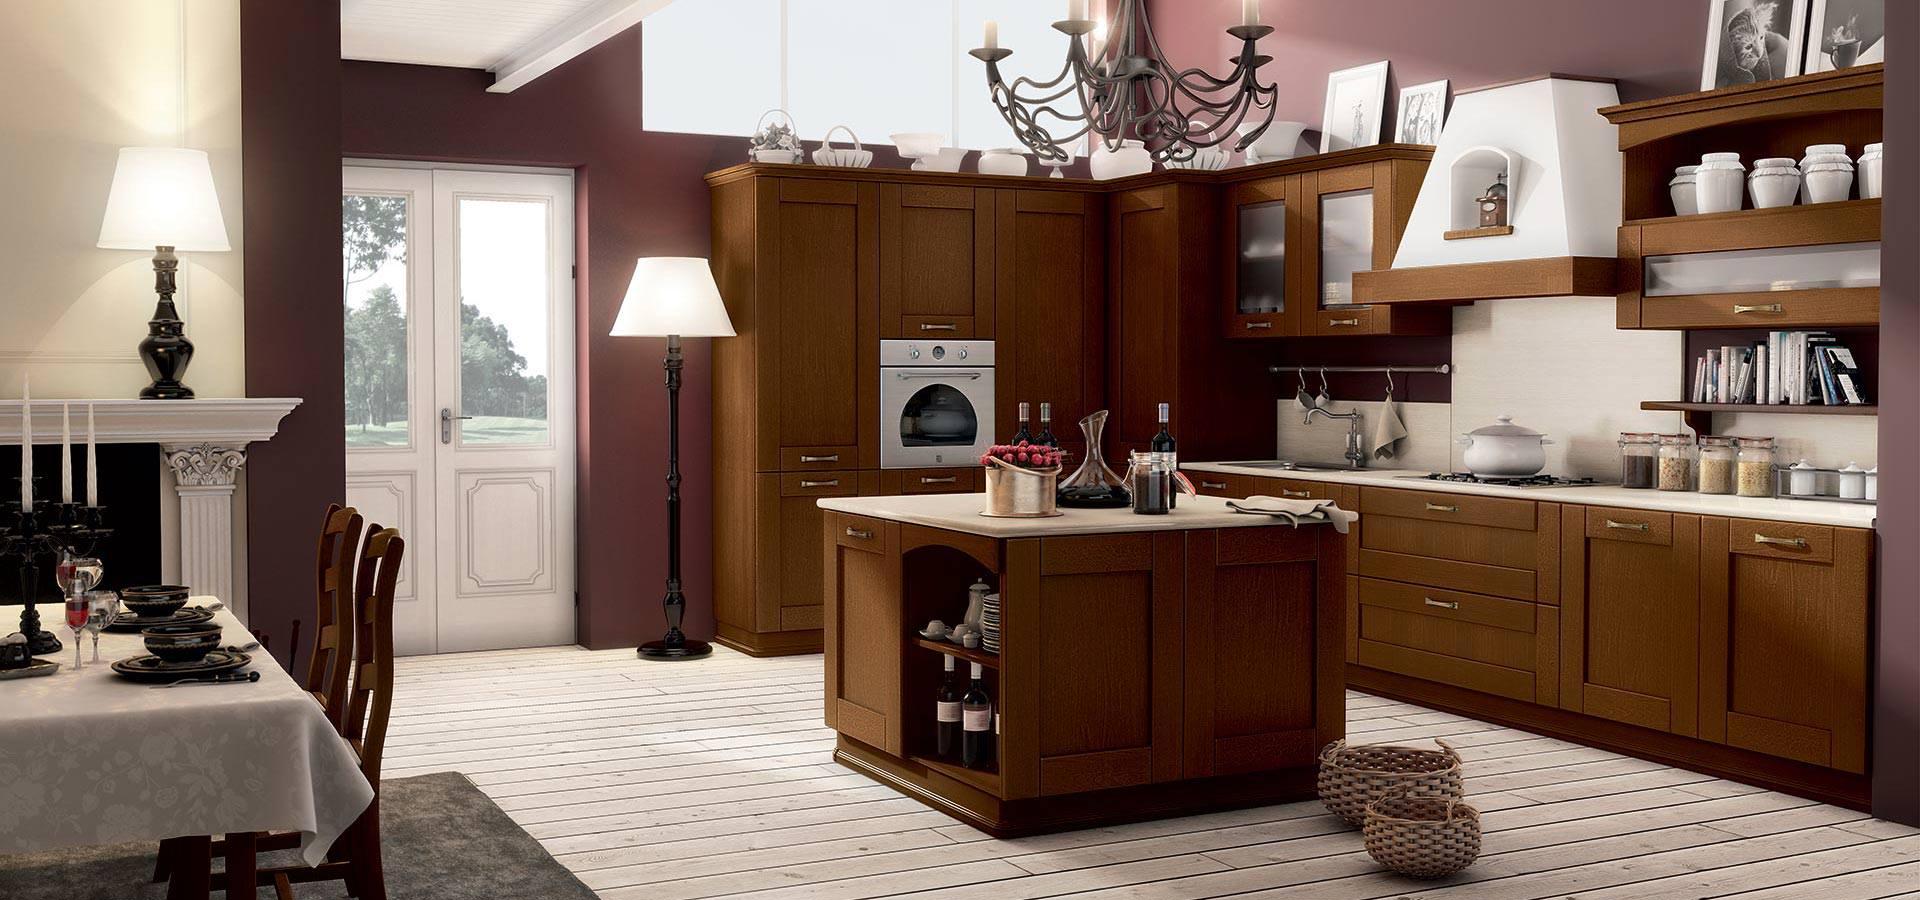 Cucine in legno massello cucine padova - Cucine legno massello ...